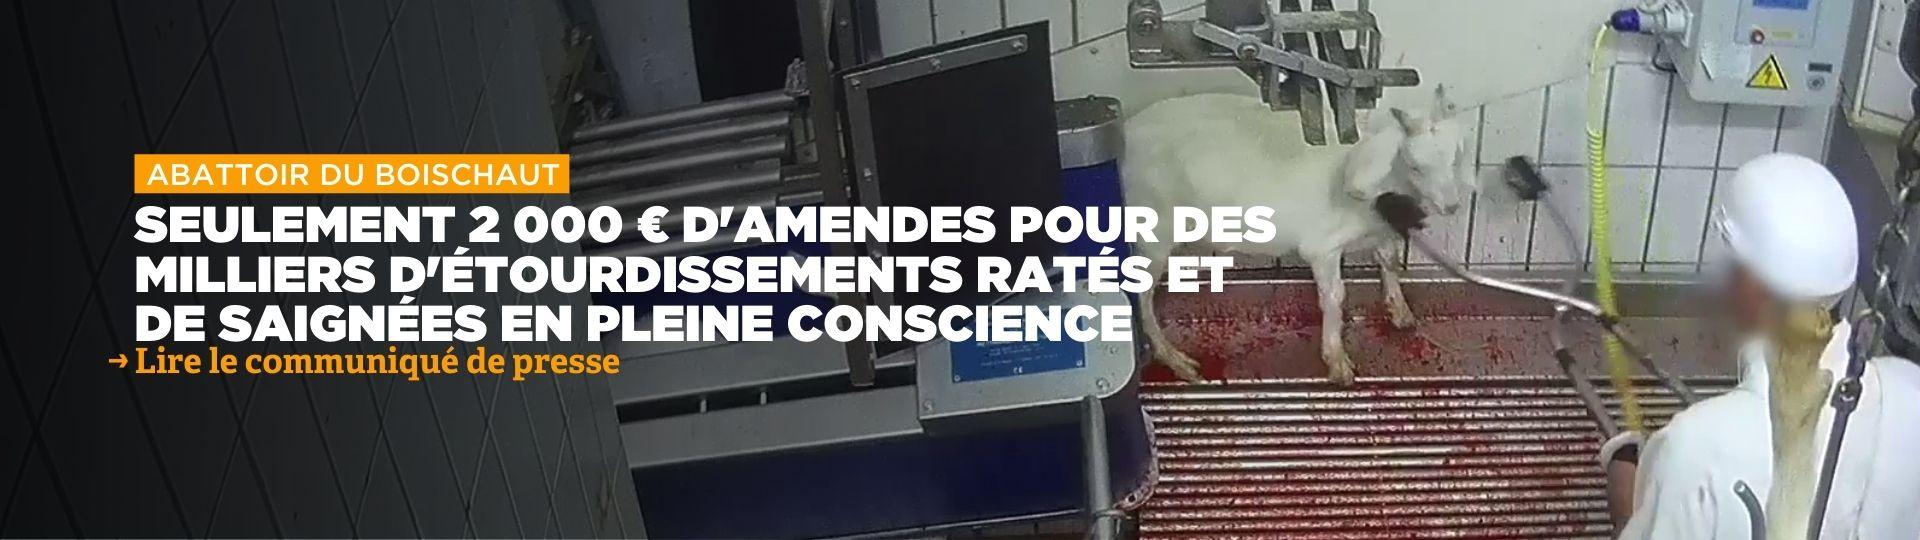 Abattoir du Boischaut : 2 000 € d'amendes seulement pour des milliers d'étourdissements ratés